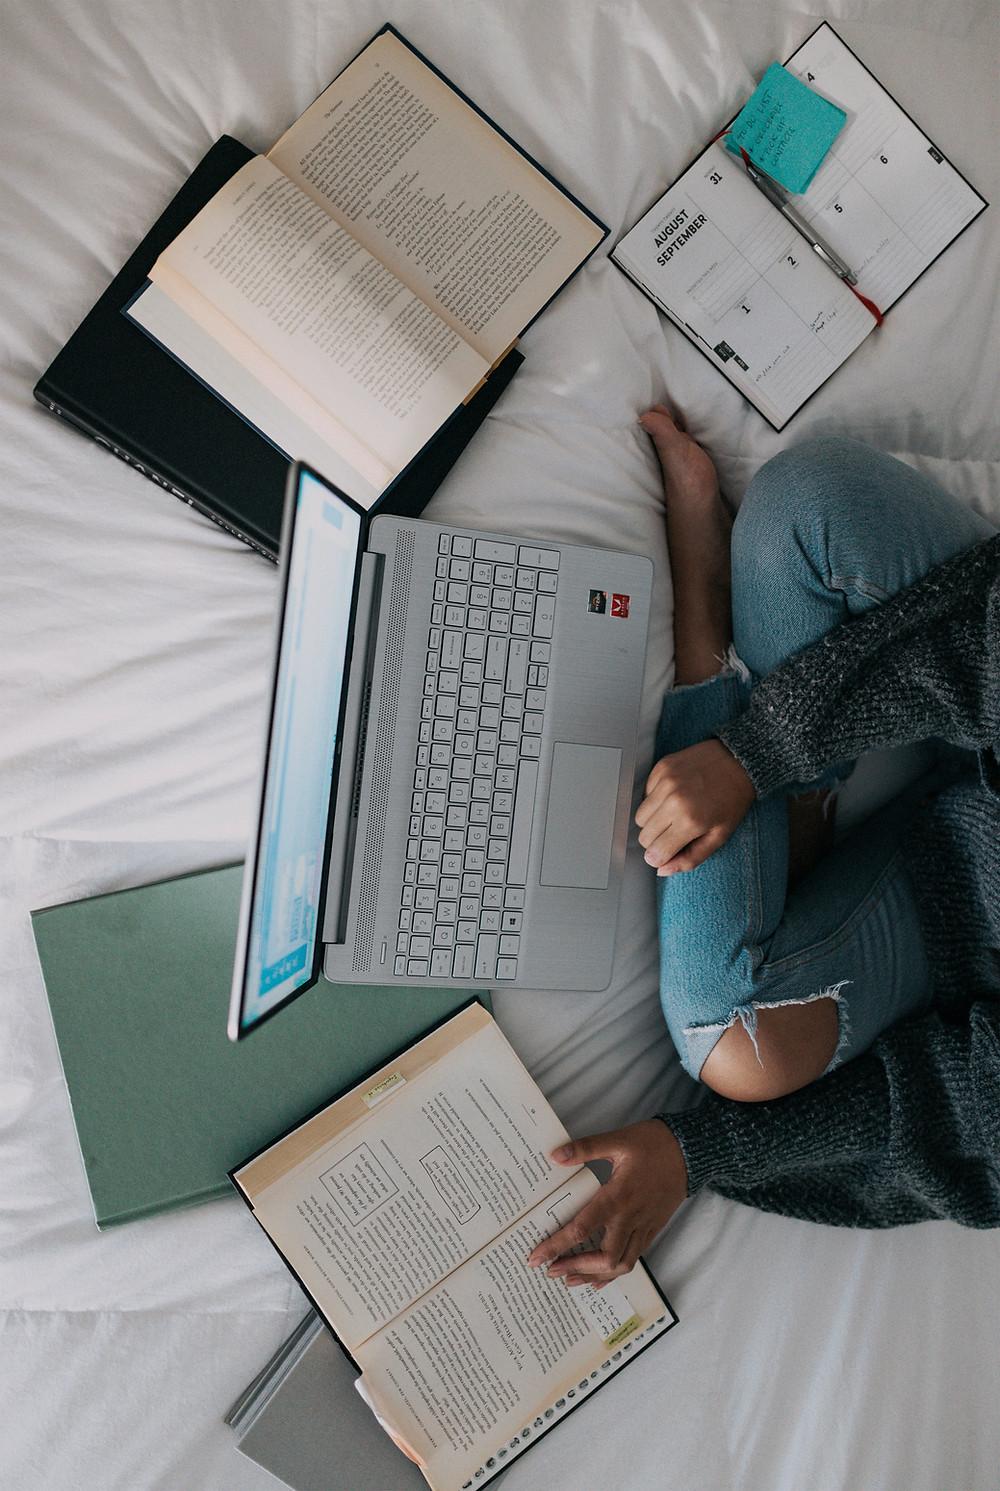 Pessoa sentada sobre a cama, de joelhos dobrados, em frente a um notebook ligado. Do seu lado esquerdo, um livro no qual ela está apoiando a mão. Abaixo do computador, outro livro fechado. Do lado direito, um livro fechado e, sobre ele, outro livro aberto. Ao lado, uma agenda aberta, com um post-it na página direita.